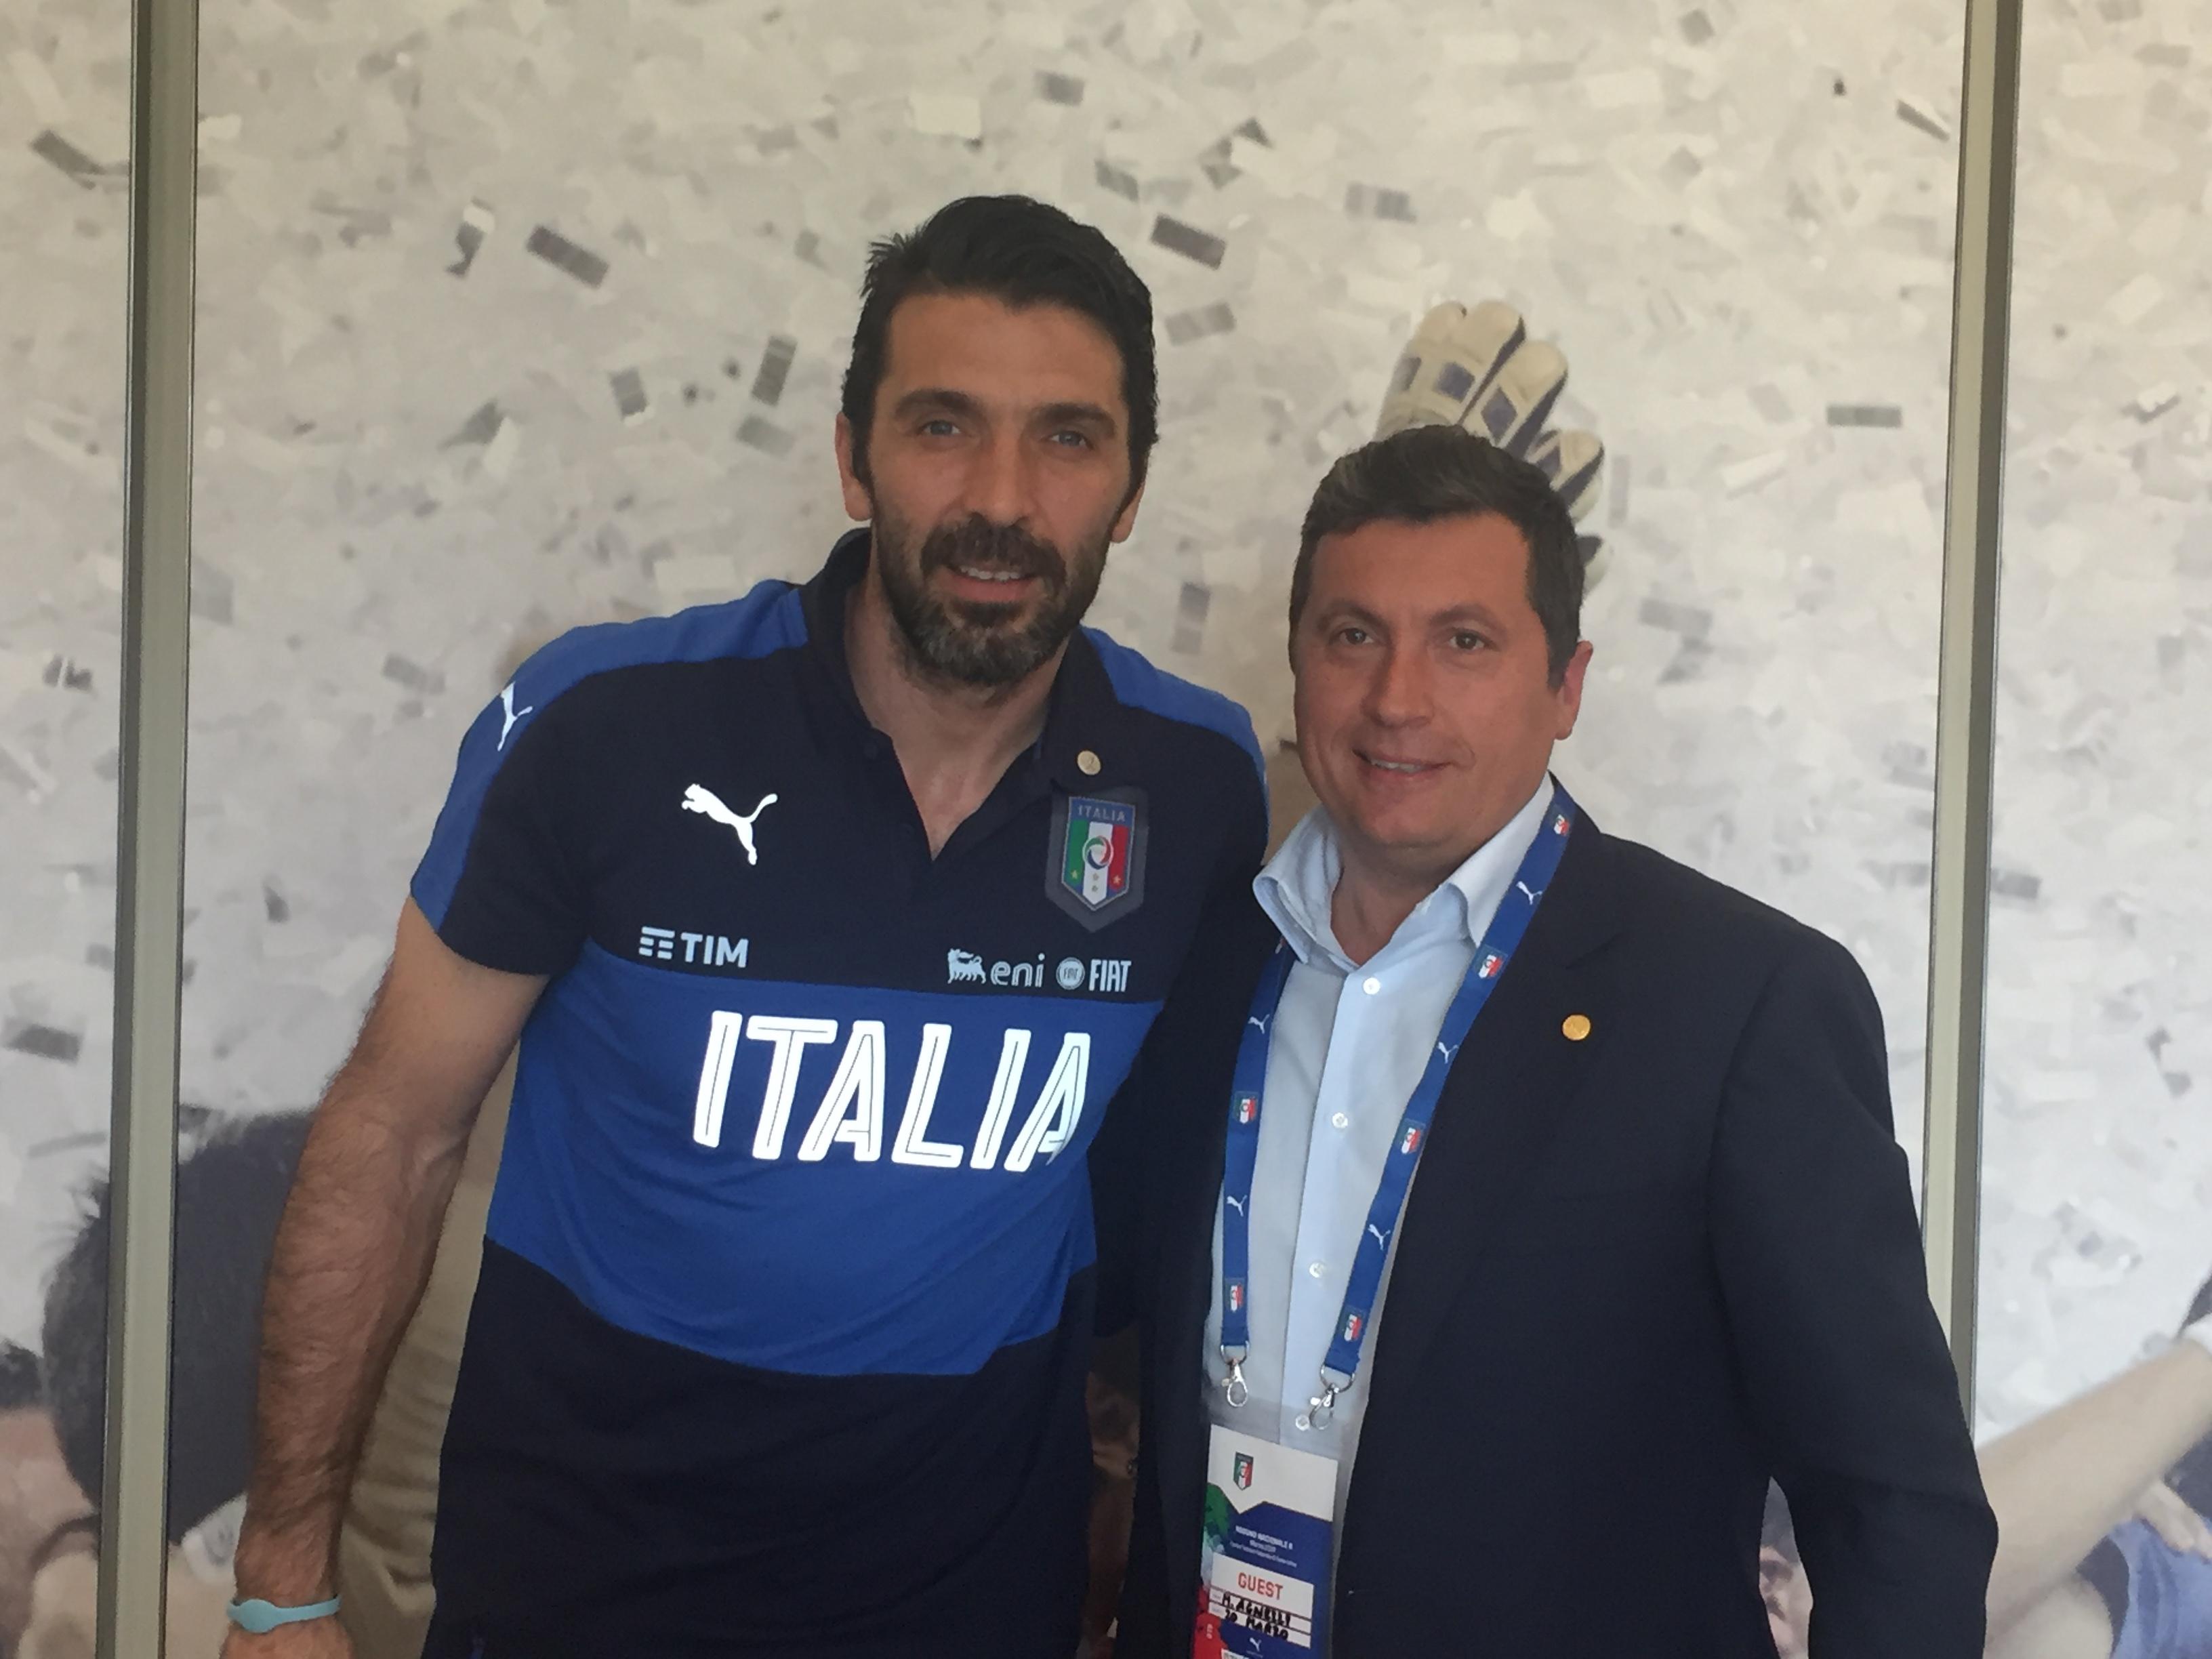 Consegnato a Gianluigi Buffon il premio